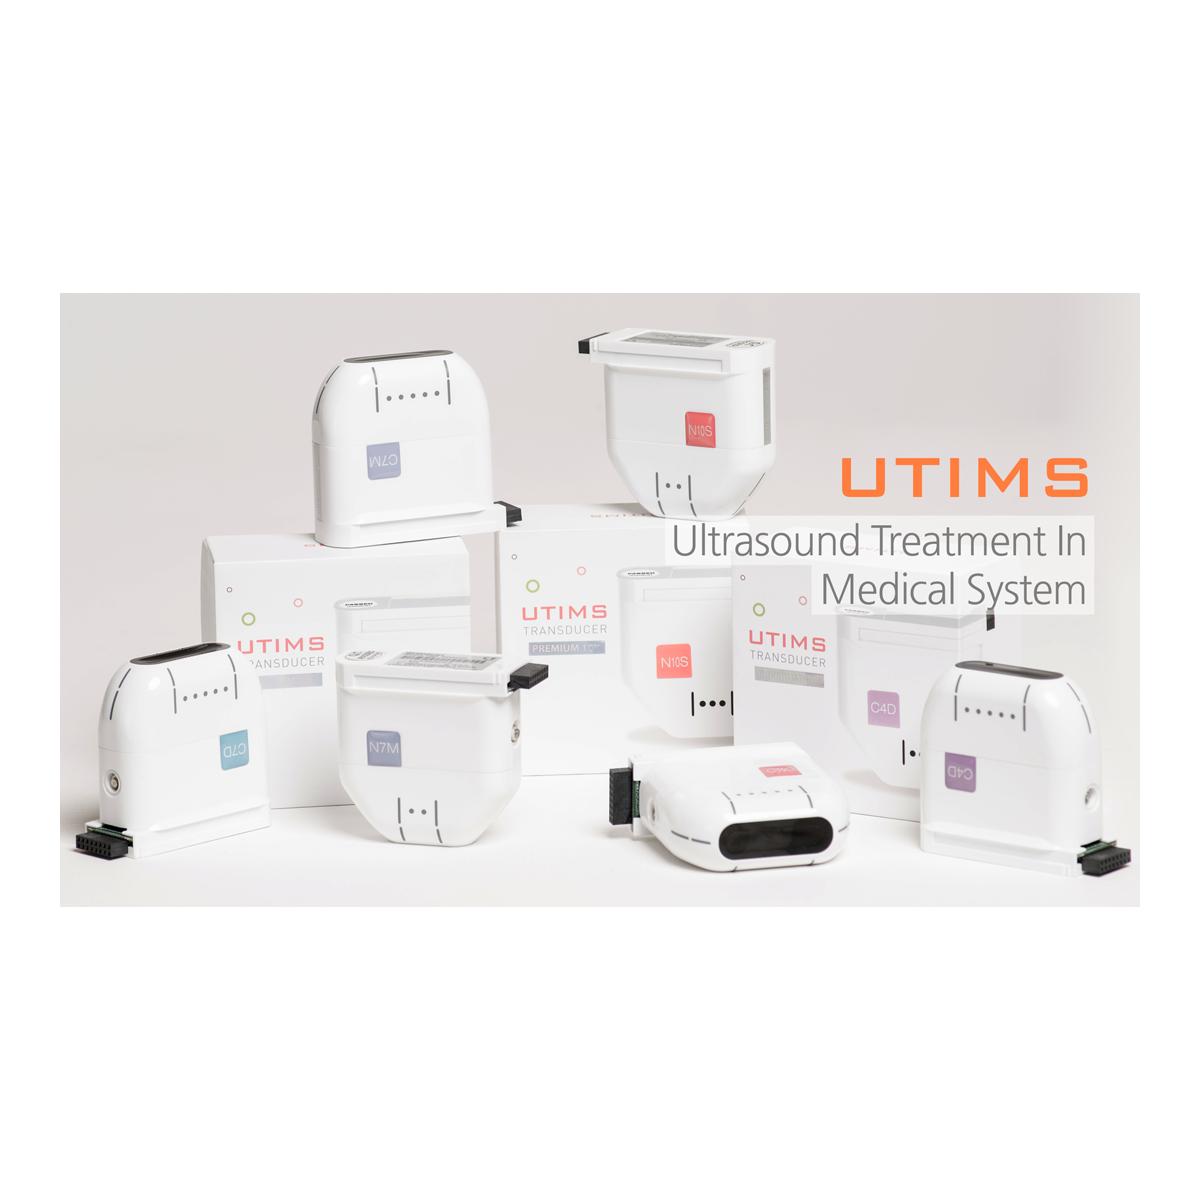 Equipe HIFU de ultra-som focalizado UTIMS